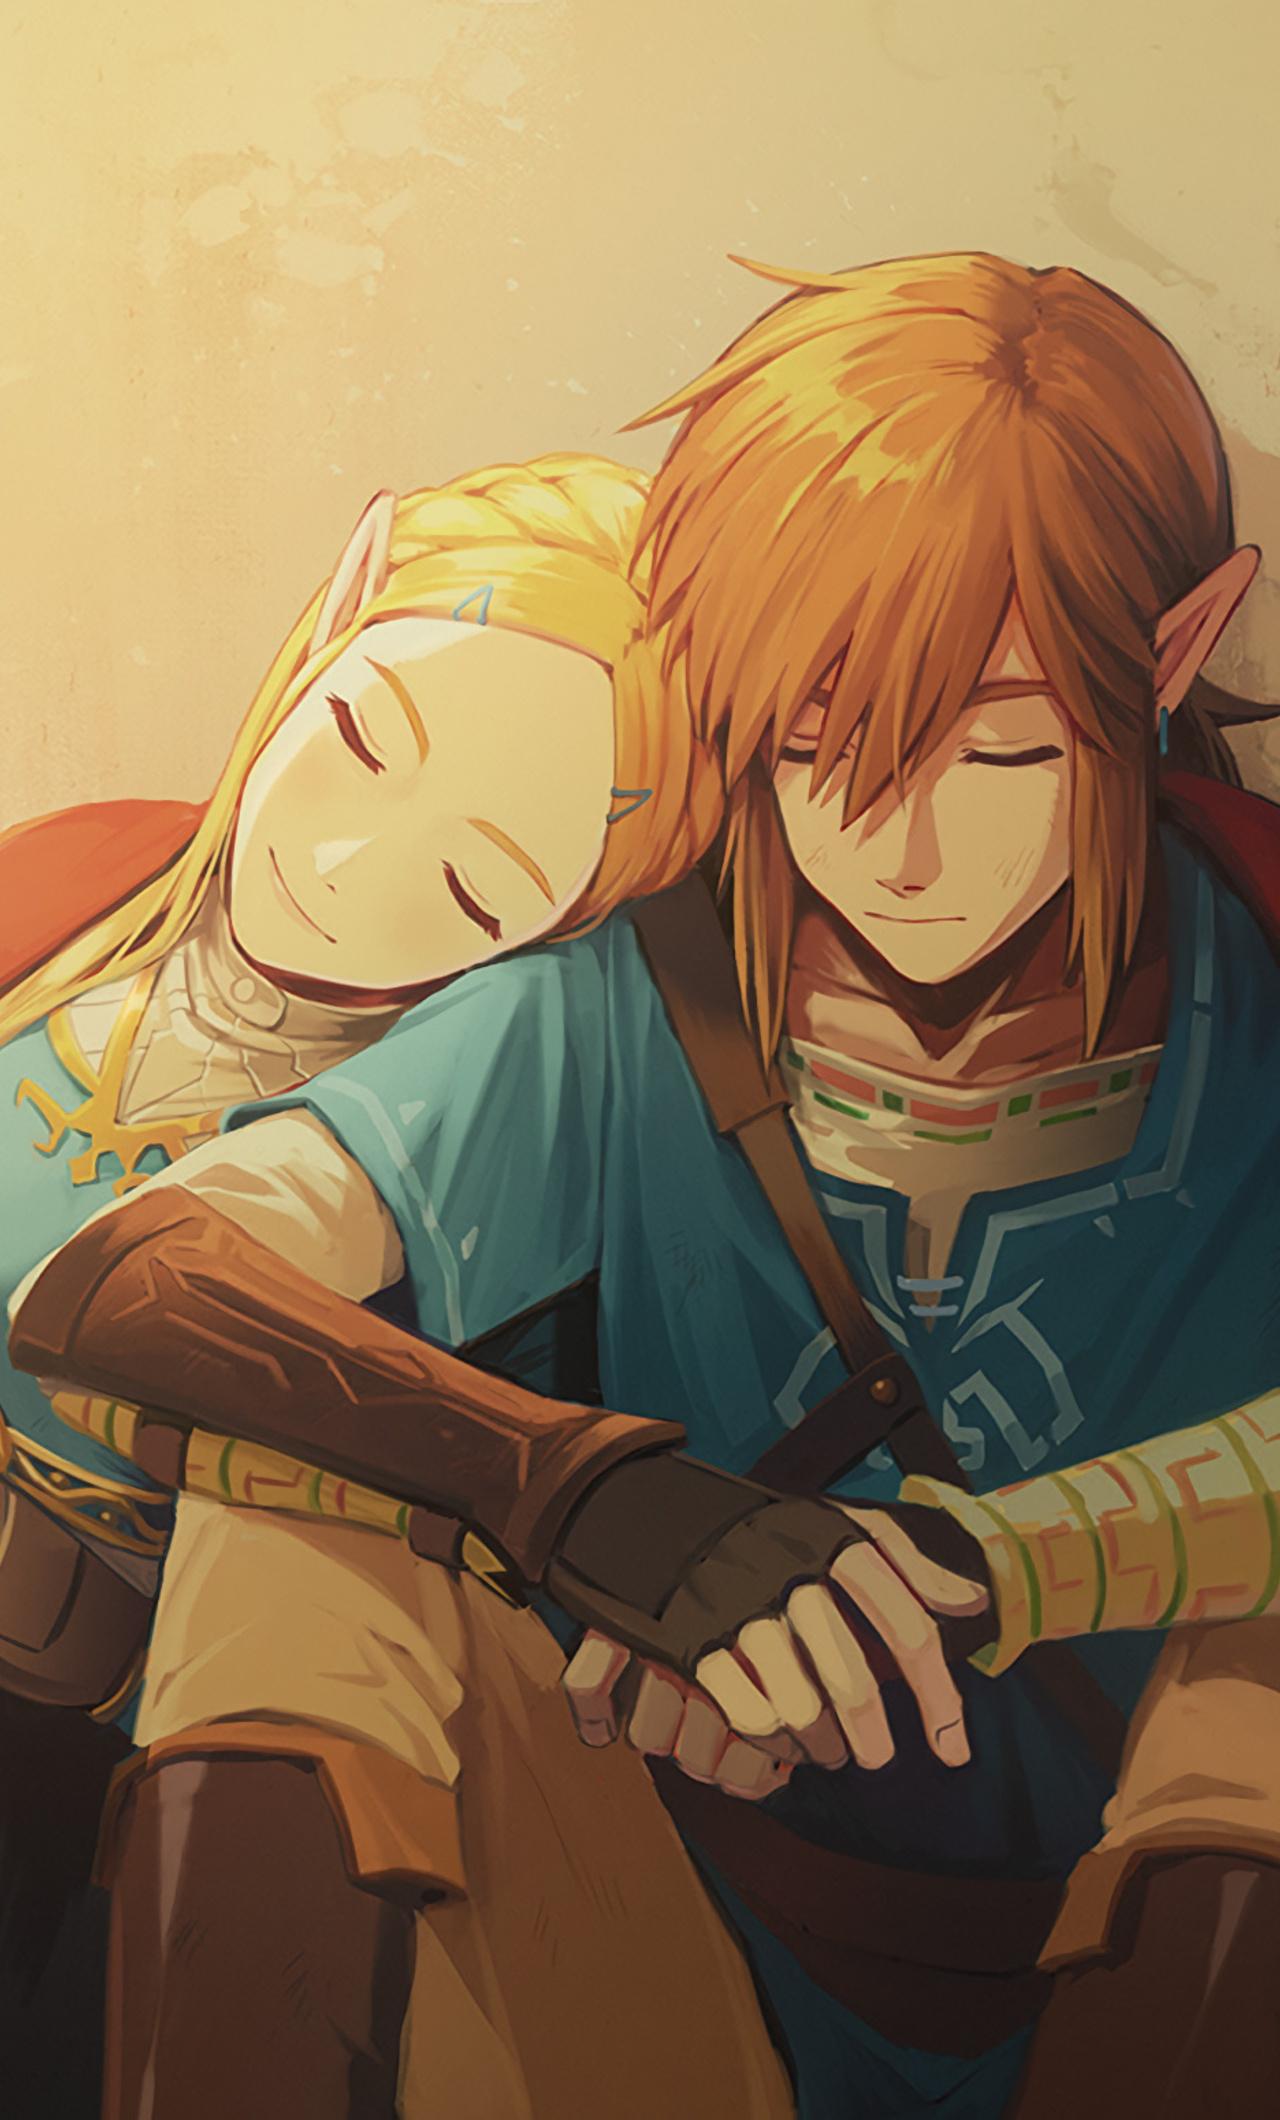 1280x2120 Link And Zelda In The Legend Of Zelda Breath Of ...